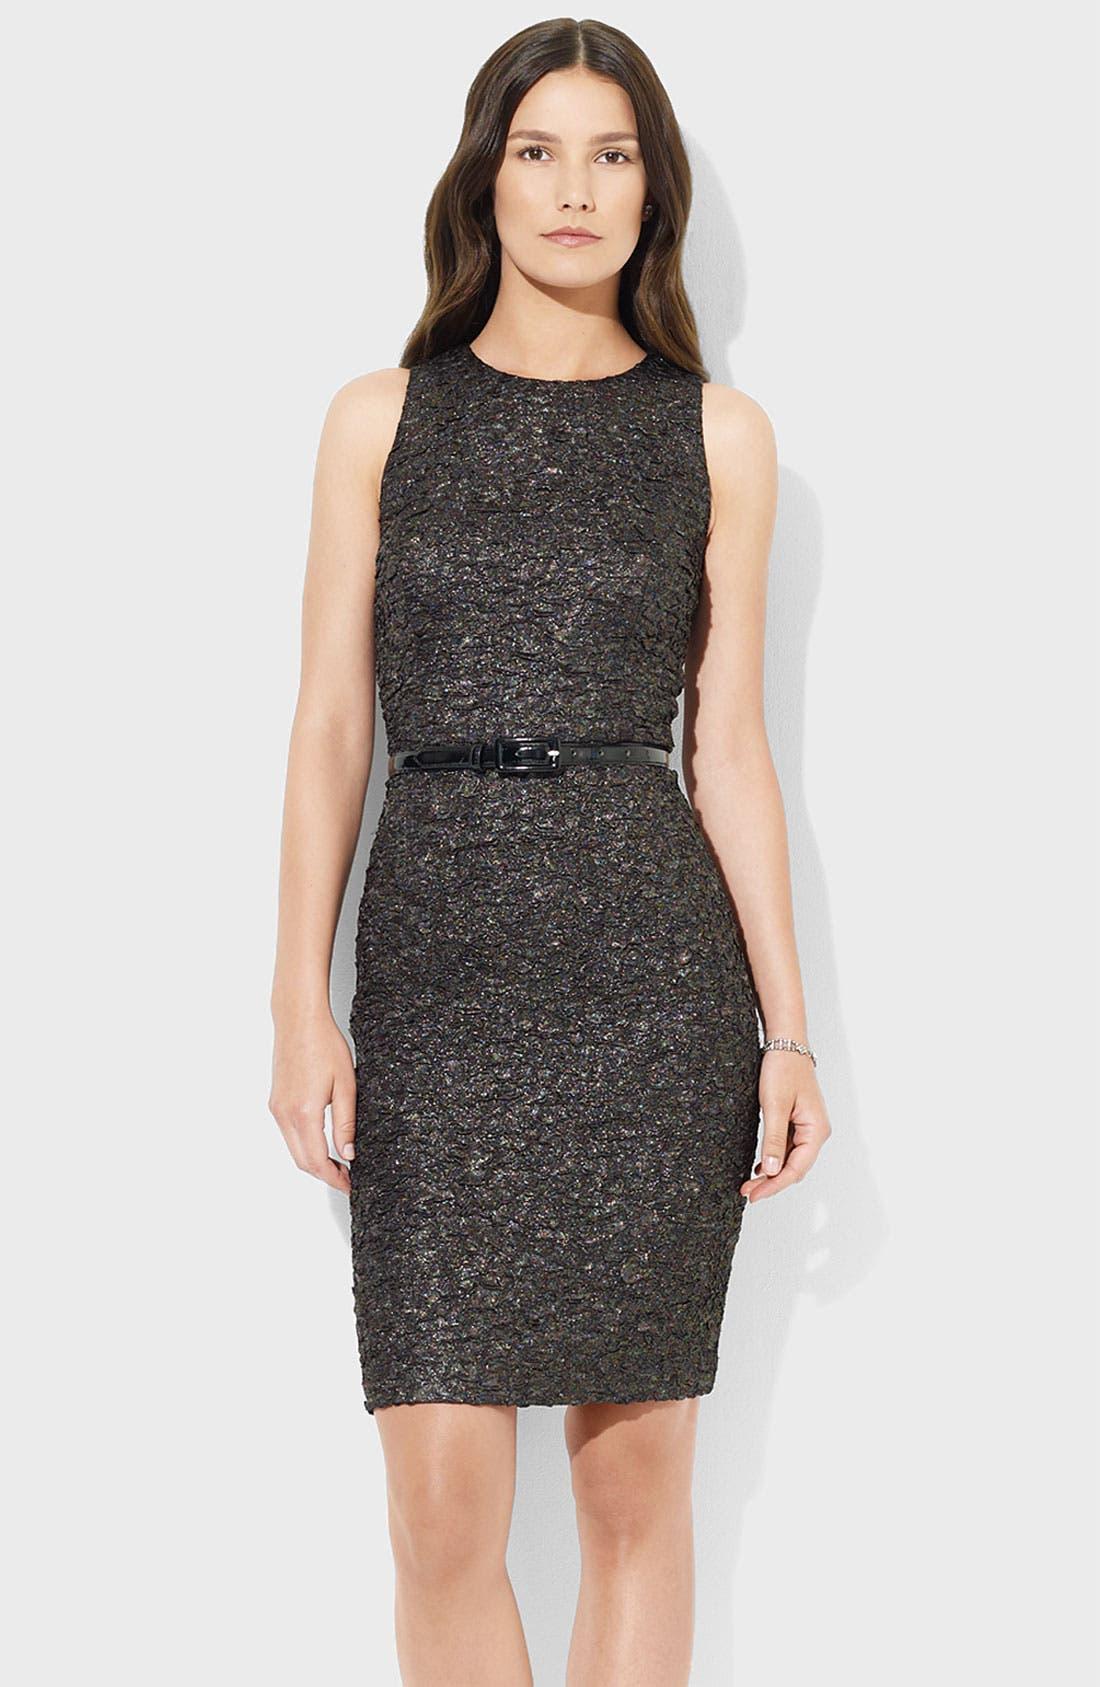 Alternate Image 1 Selected - Lauren Ralph Lauren Textured Crepe Sheath Dress